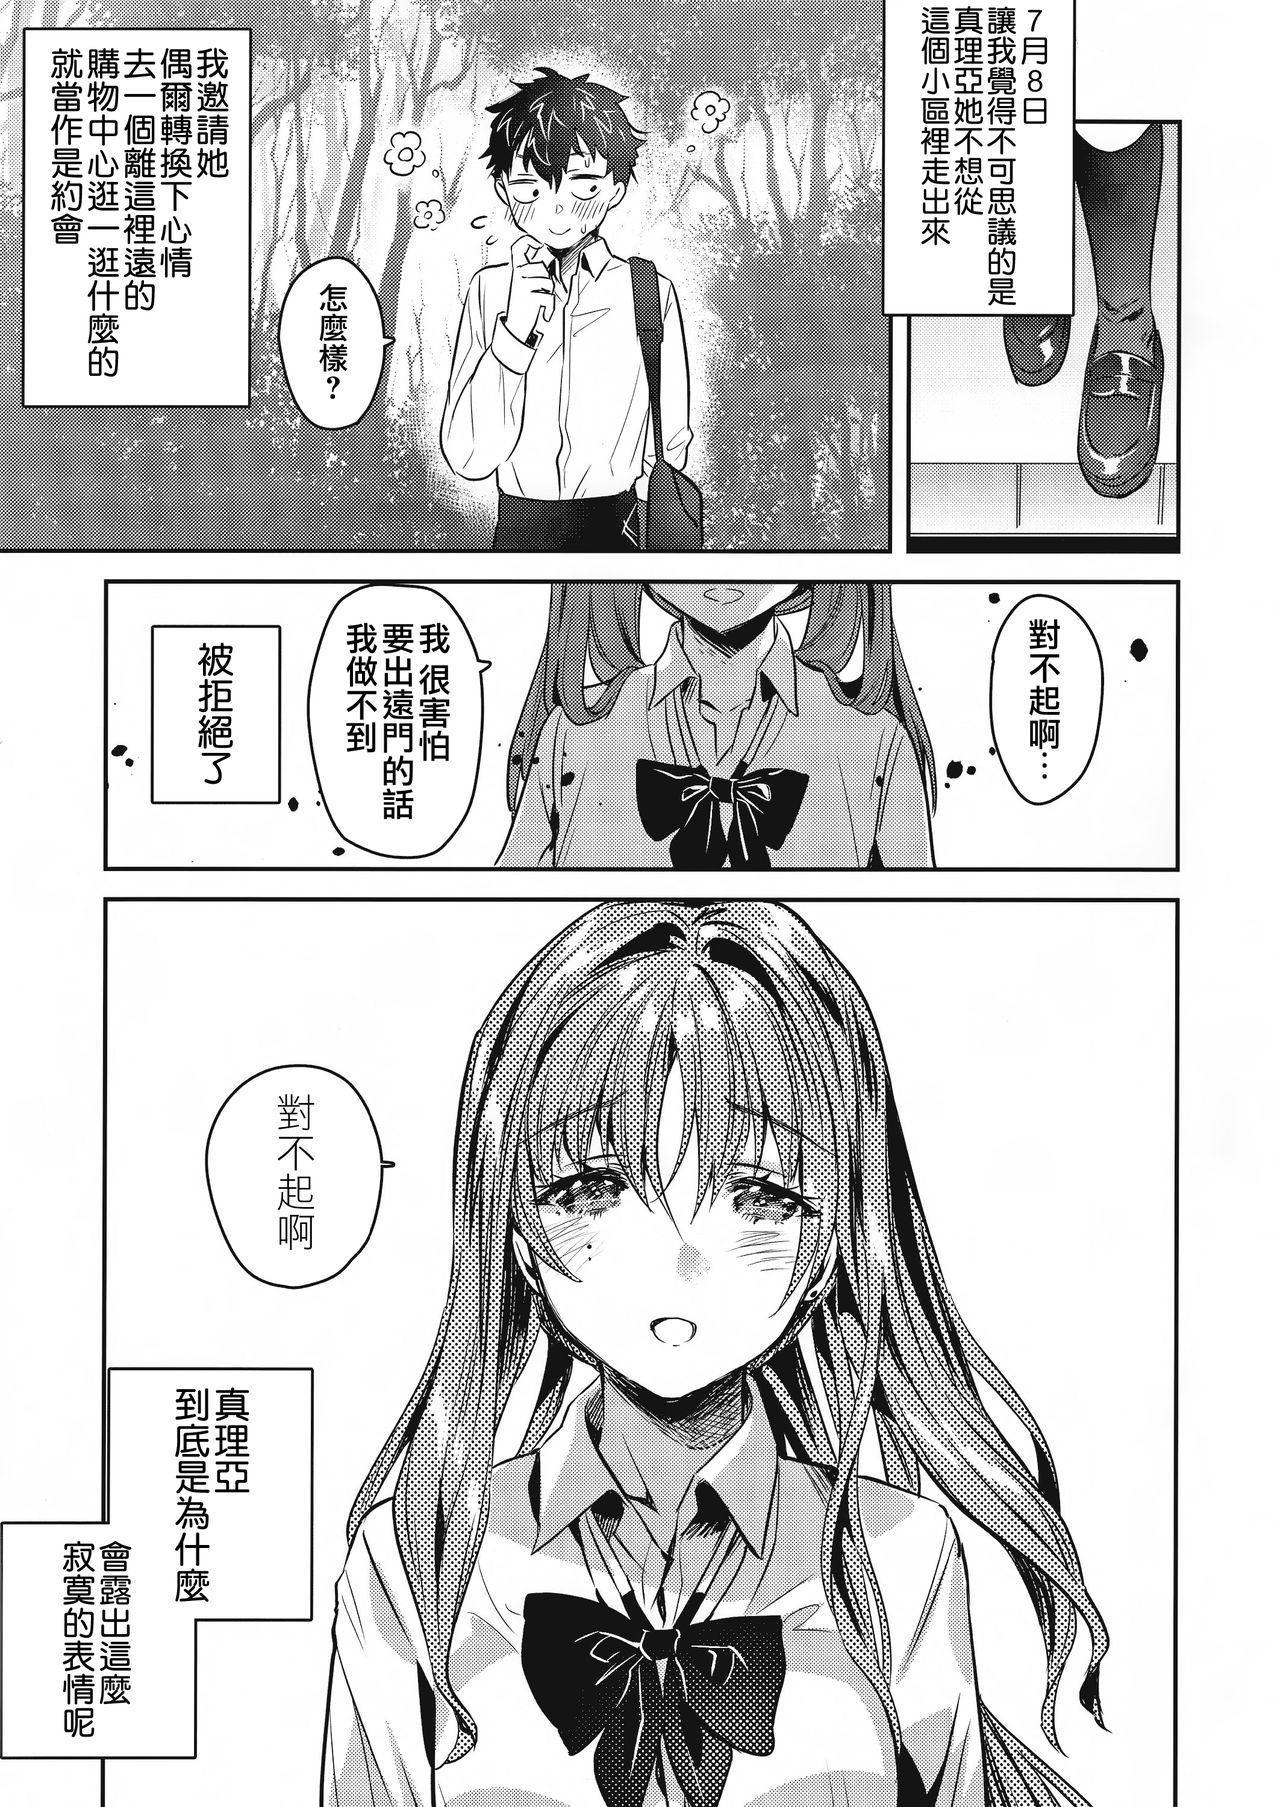 (C96) [Yanyanyo (Yanyo)] Onee-chan, Kimitachi no Koto shika Aisenai - Tomodachi Gokko Hen [Chinese] [CE家族社] 18